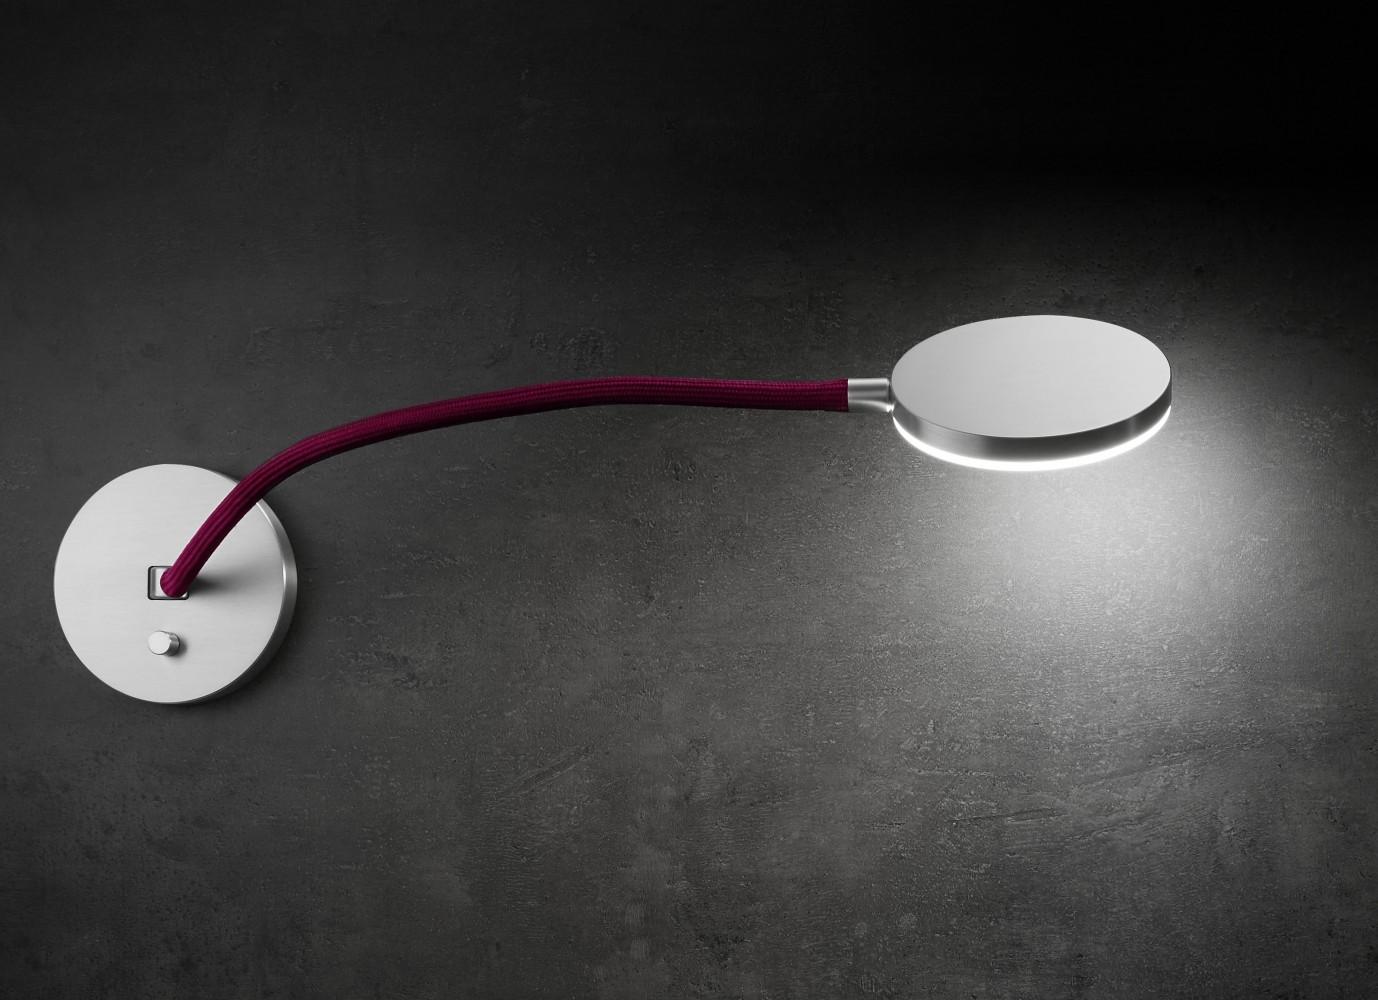 Led Tete De Lit applique led tête de lit flex 12w alu / rouge